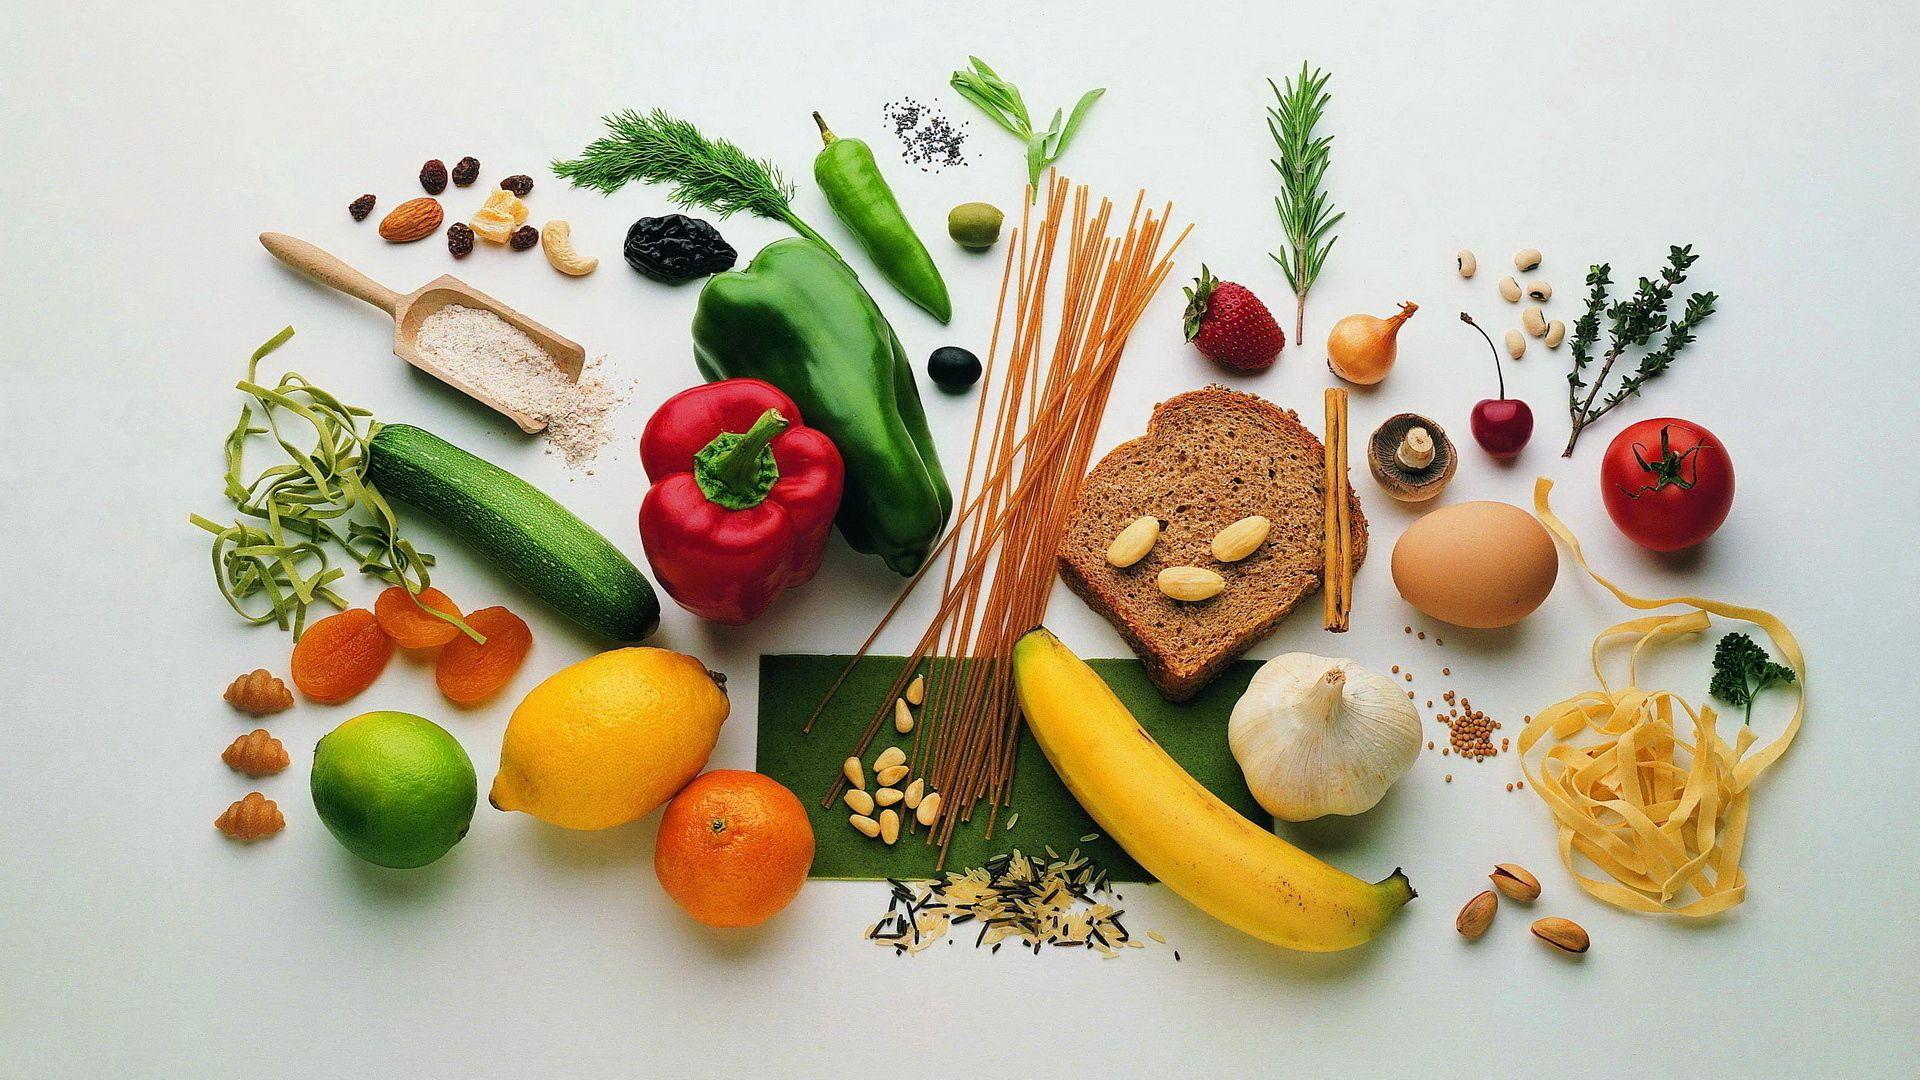 60308 Заставки и Обои Овощи на телефон. Скачать Овощи, Фрукты, Еда, Витамины, Хлеб, Злаки, Орехи картинки бесплатно